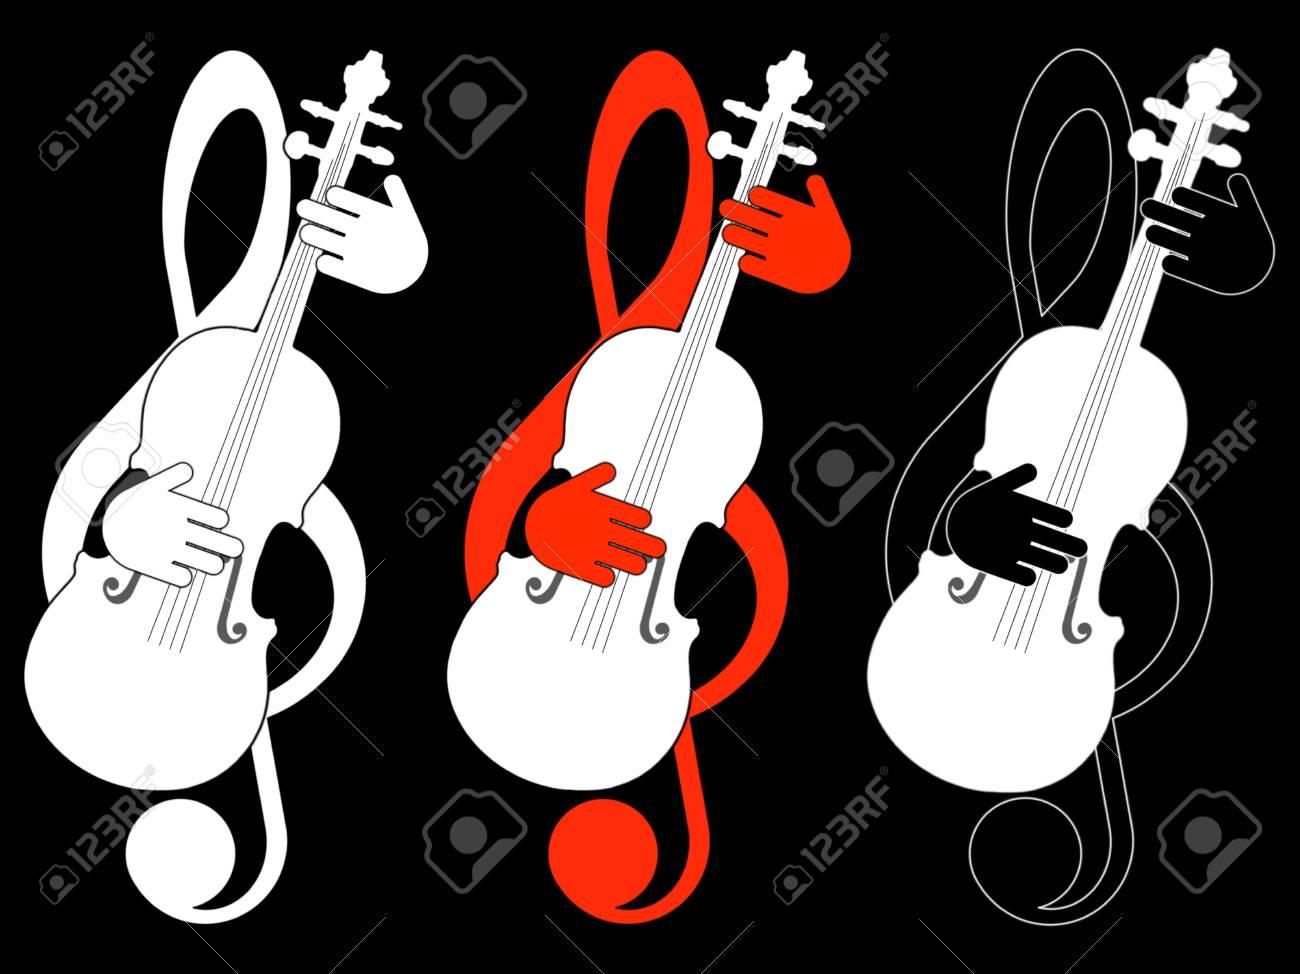 Treble clef and violin Stock Photo - 19167812